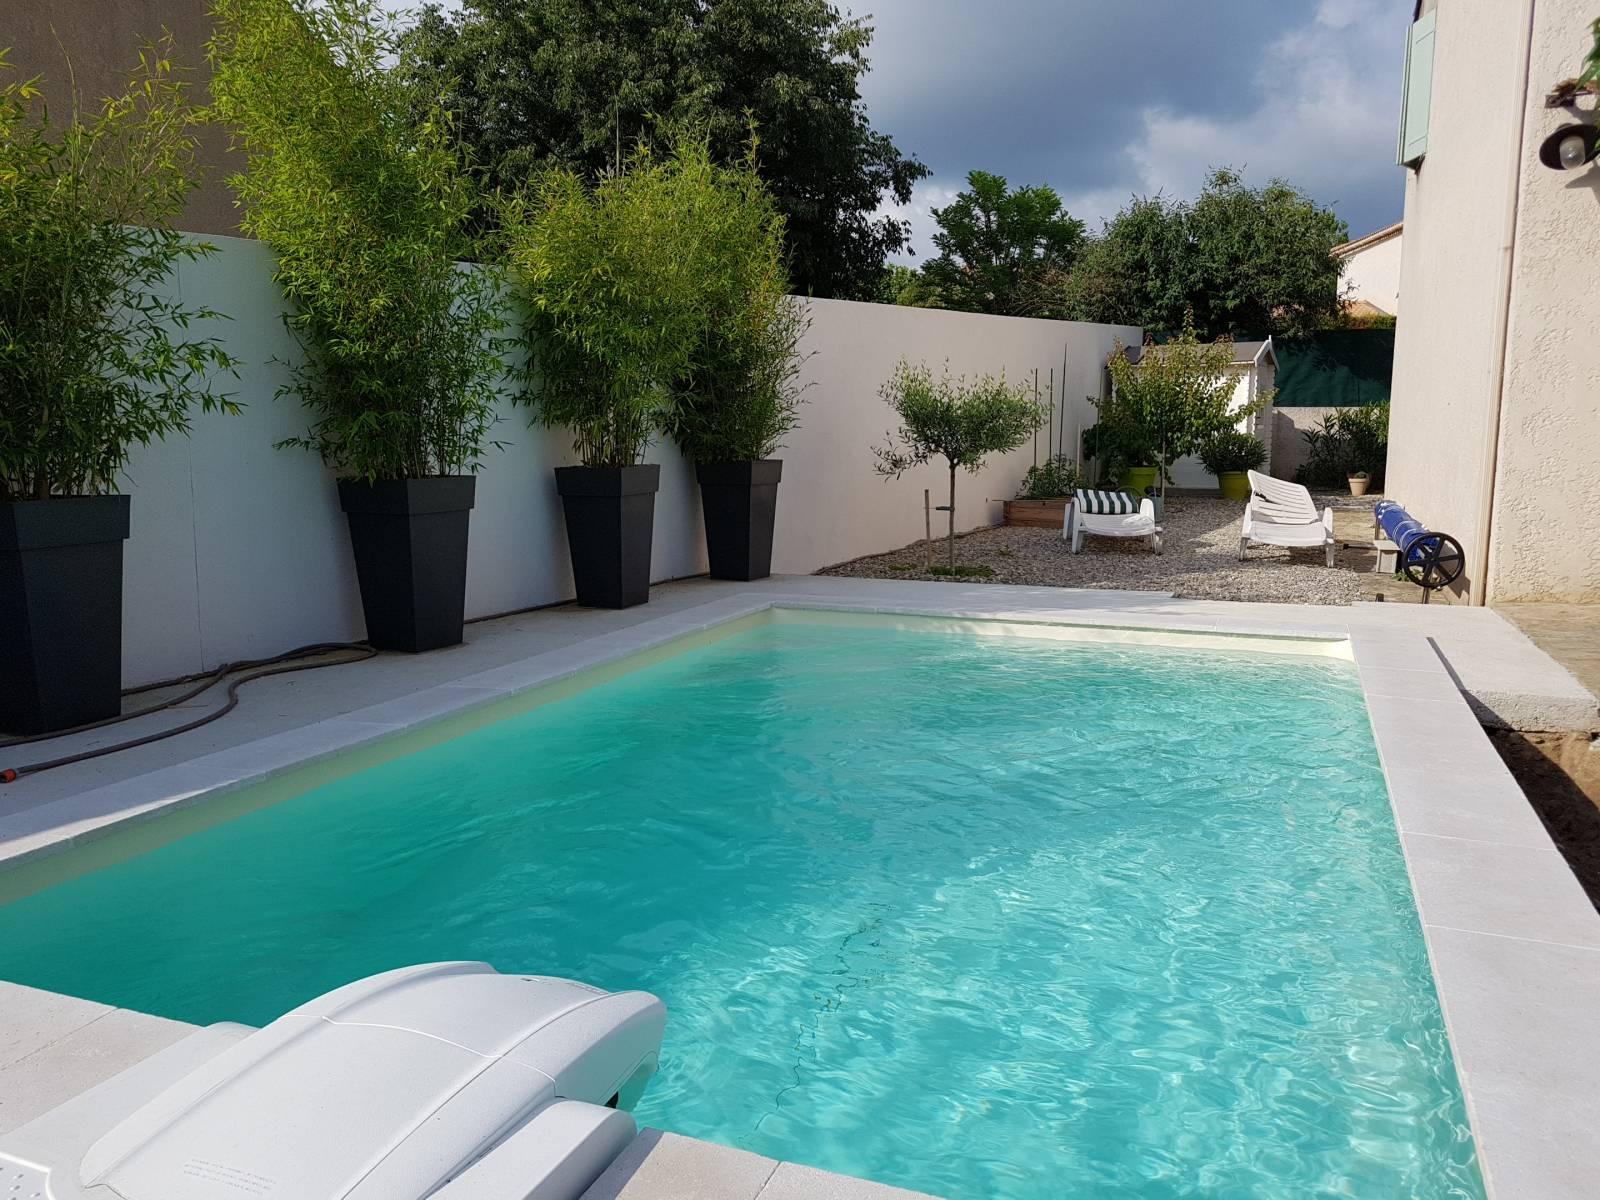 Mini piscine dans le var jce piscines - Mini piscine desjoyaux ...